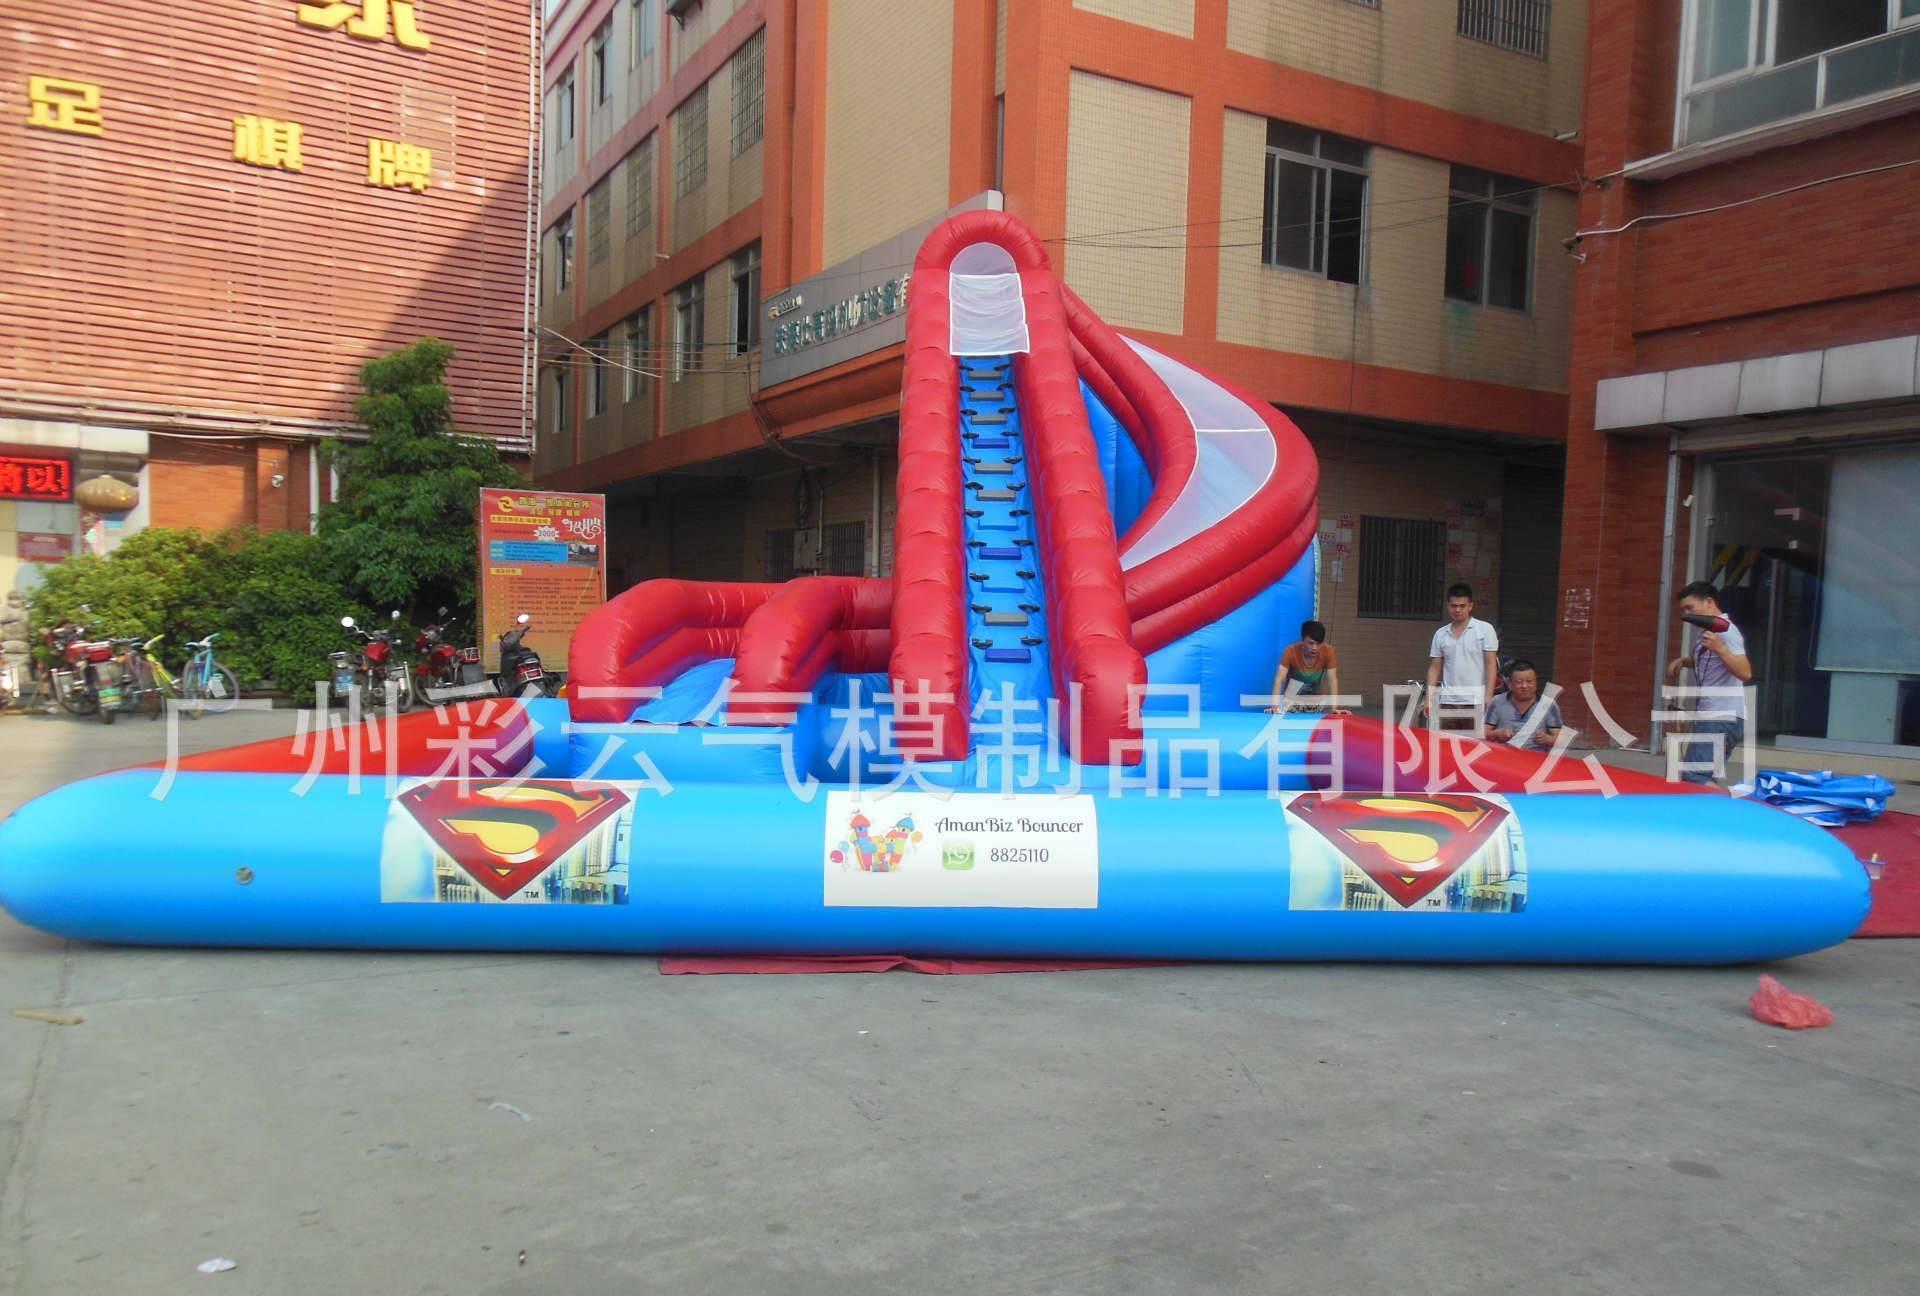 大型充玩具厂家_【厂家热销动漫水世界大型充蜘蛛侠水滑梯水上冲关玩具模型